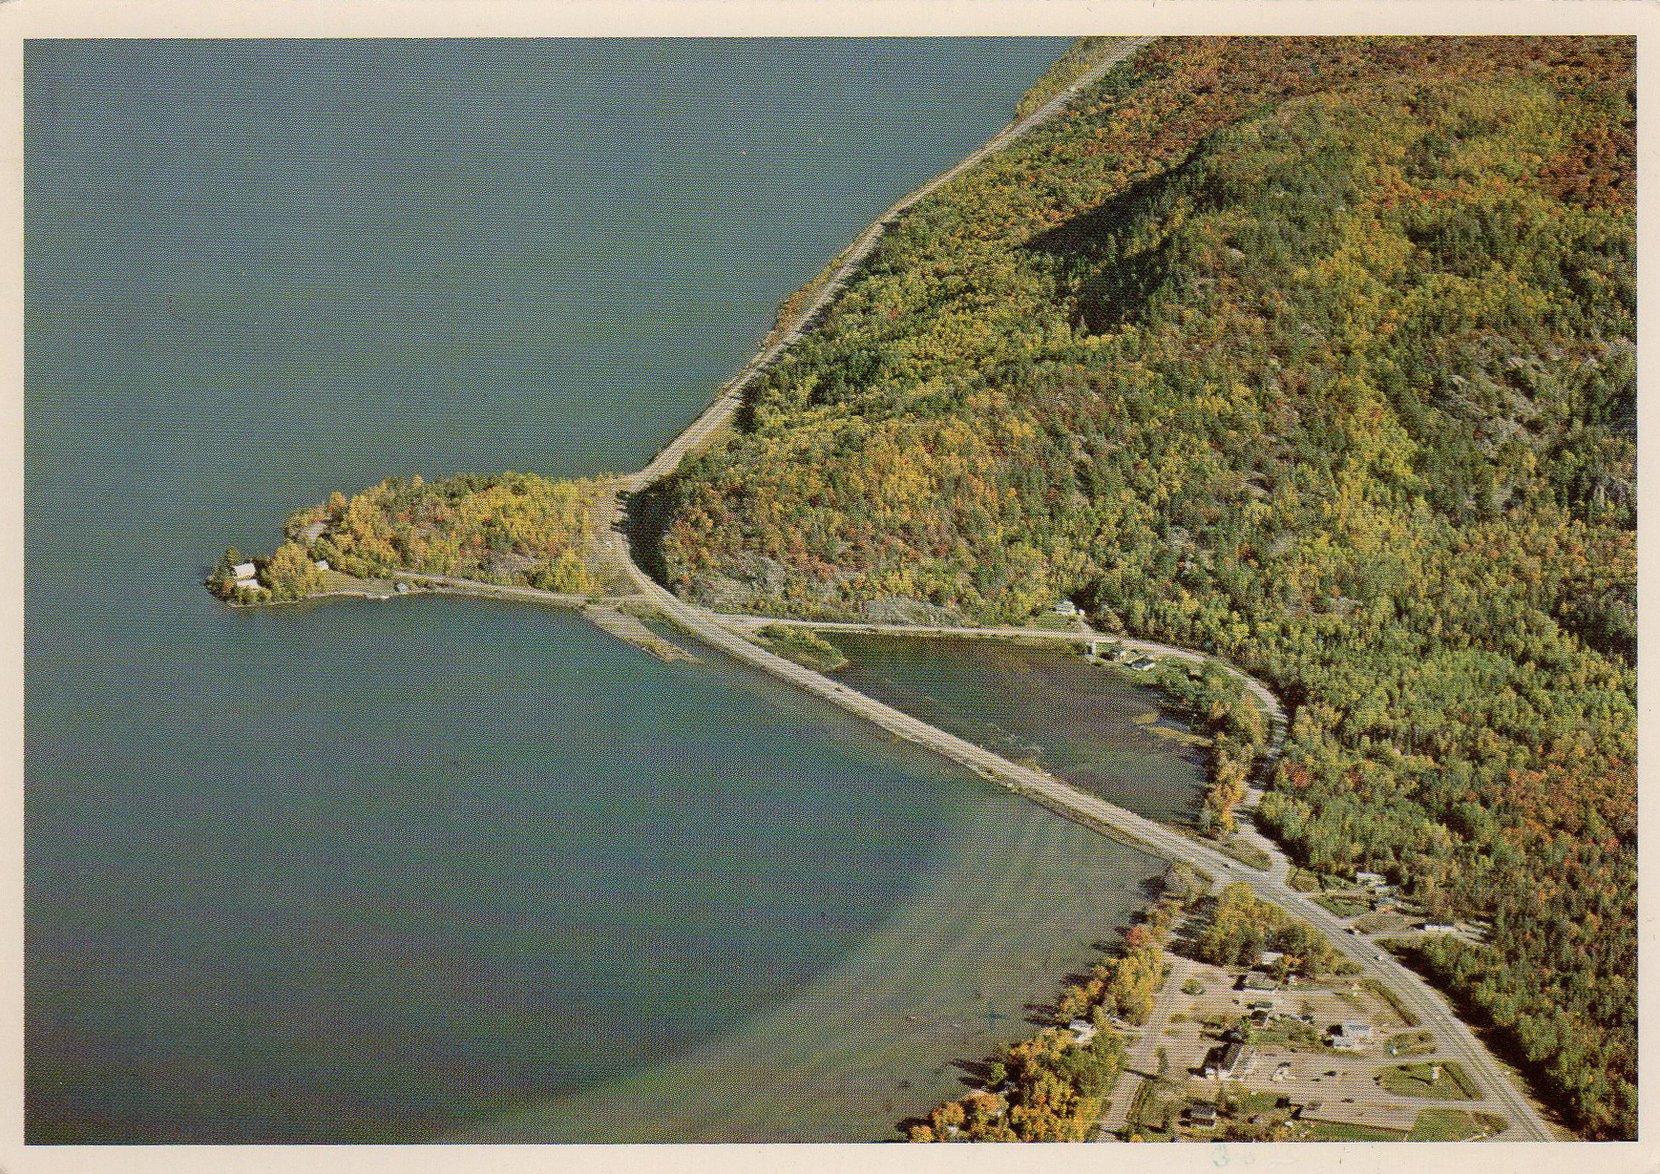 havilland bay ontario (canada ) postcards standard – printed card